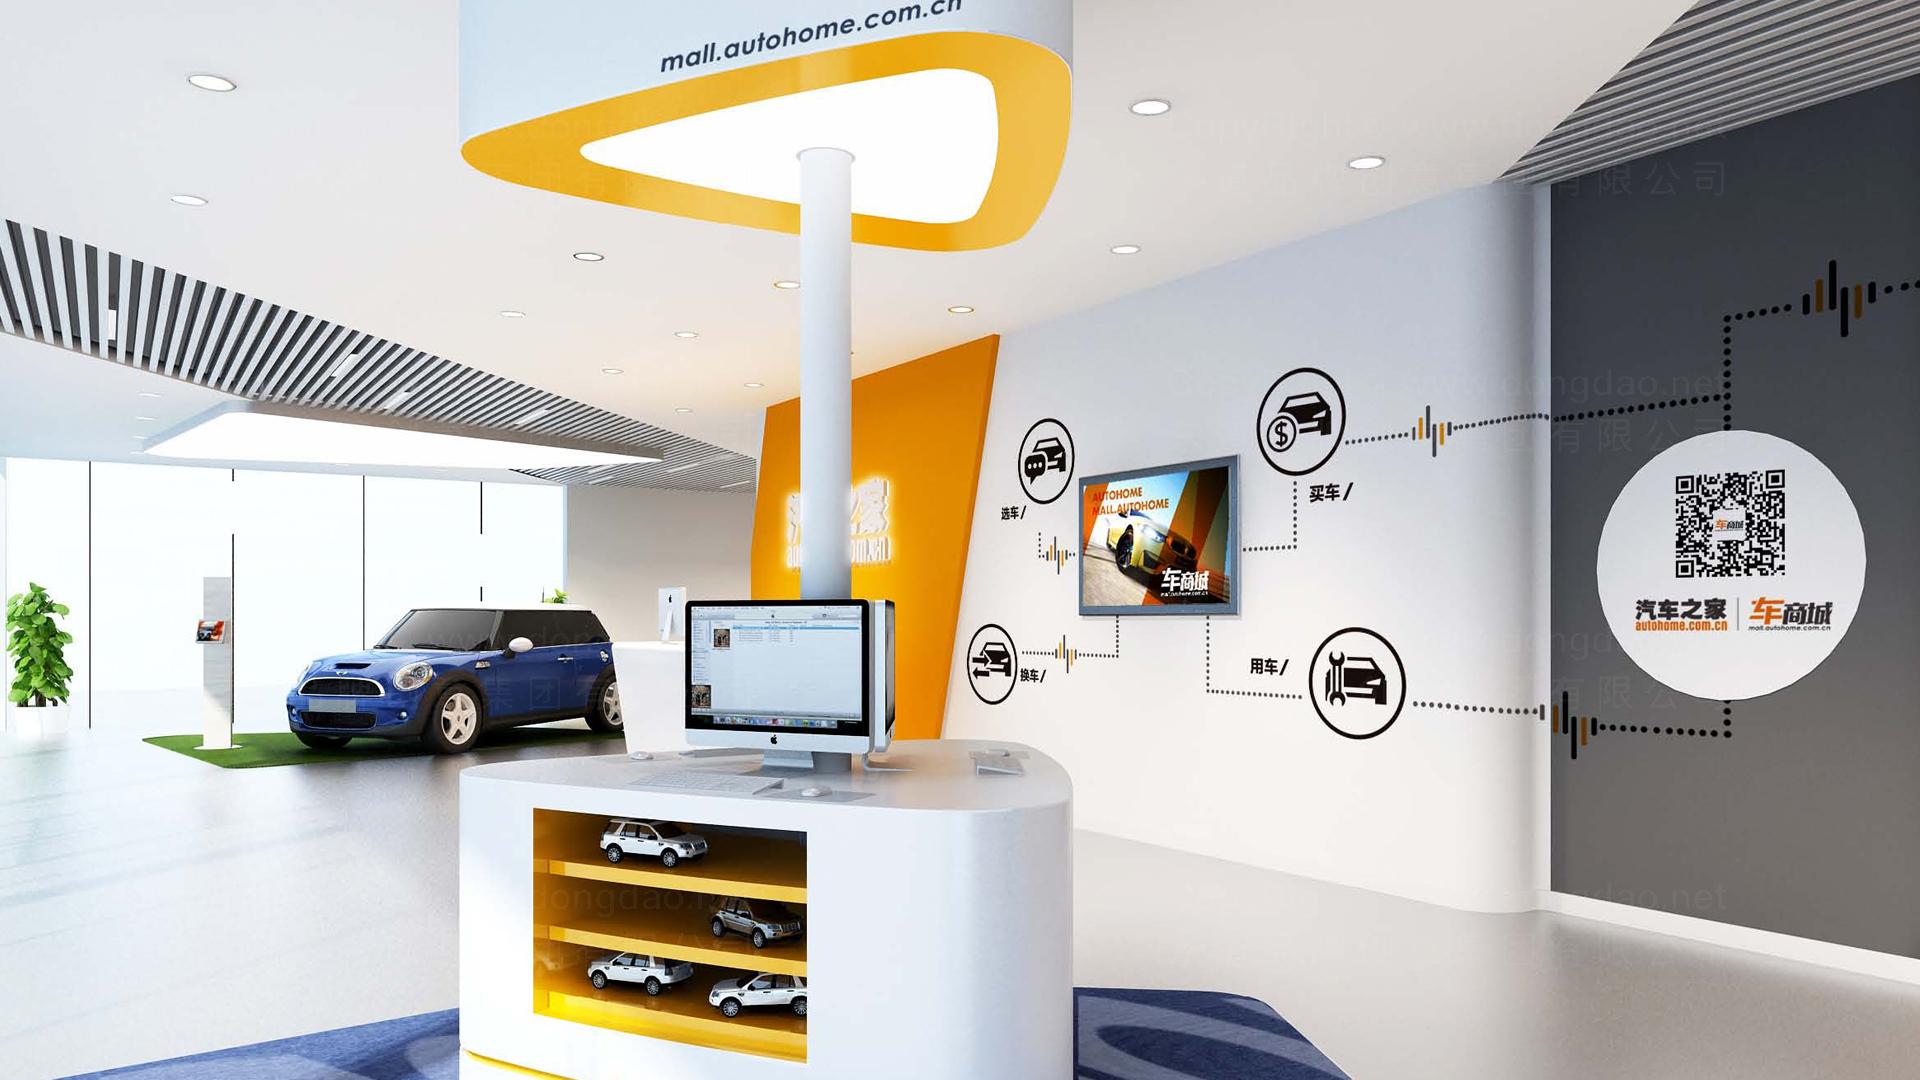 商业空间&导示汽车之家汽车之家 SI 设计应用场景_2